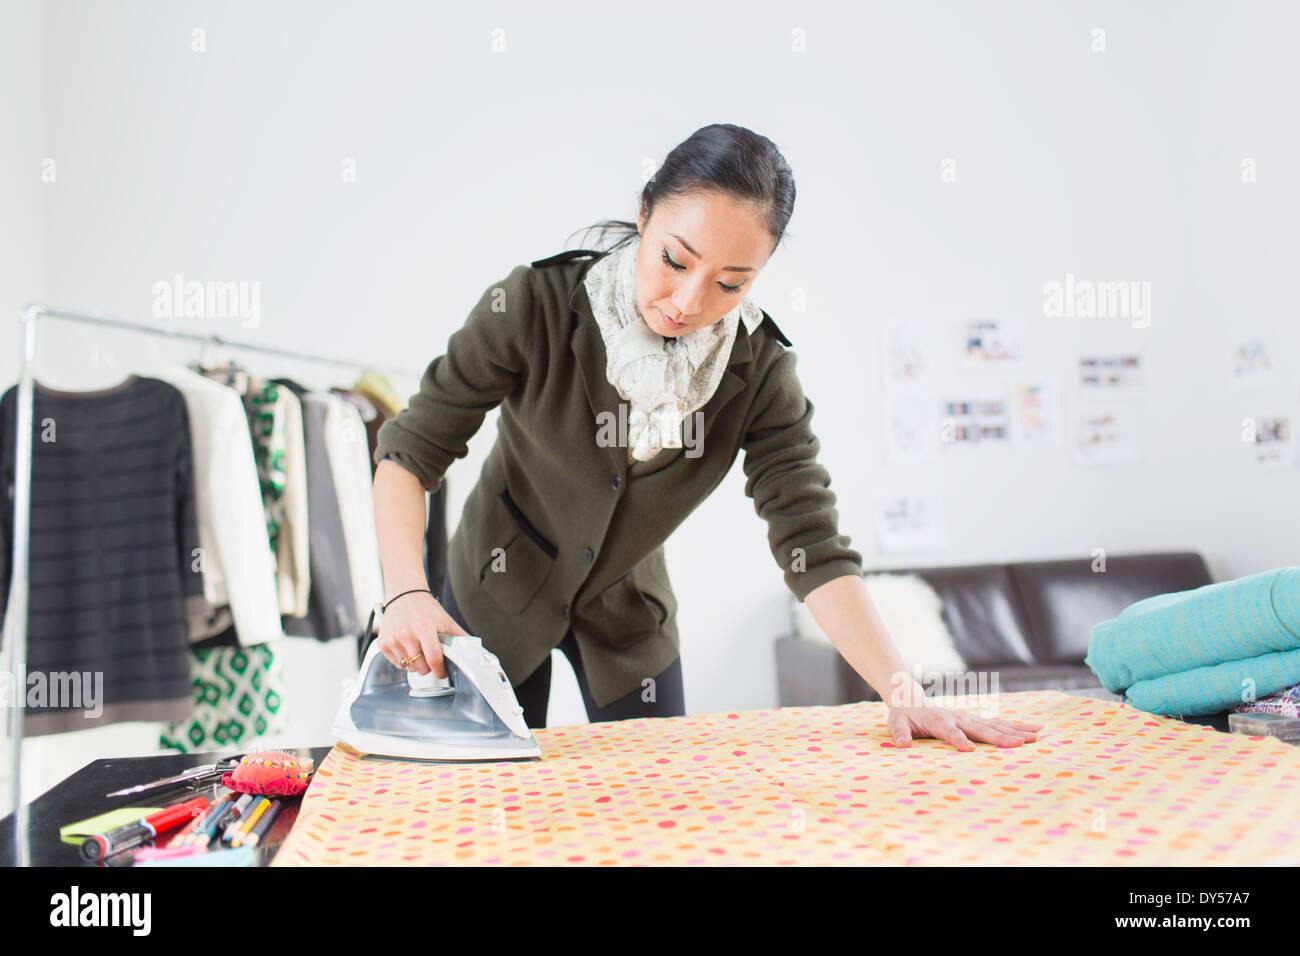 Female fashion designer ironing fabric - Stock Image